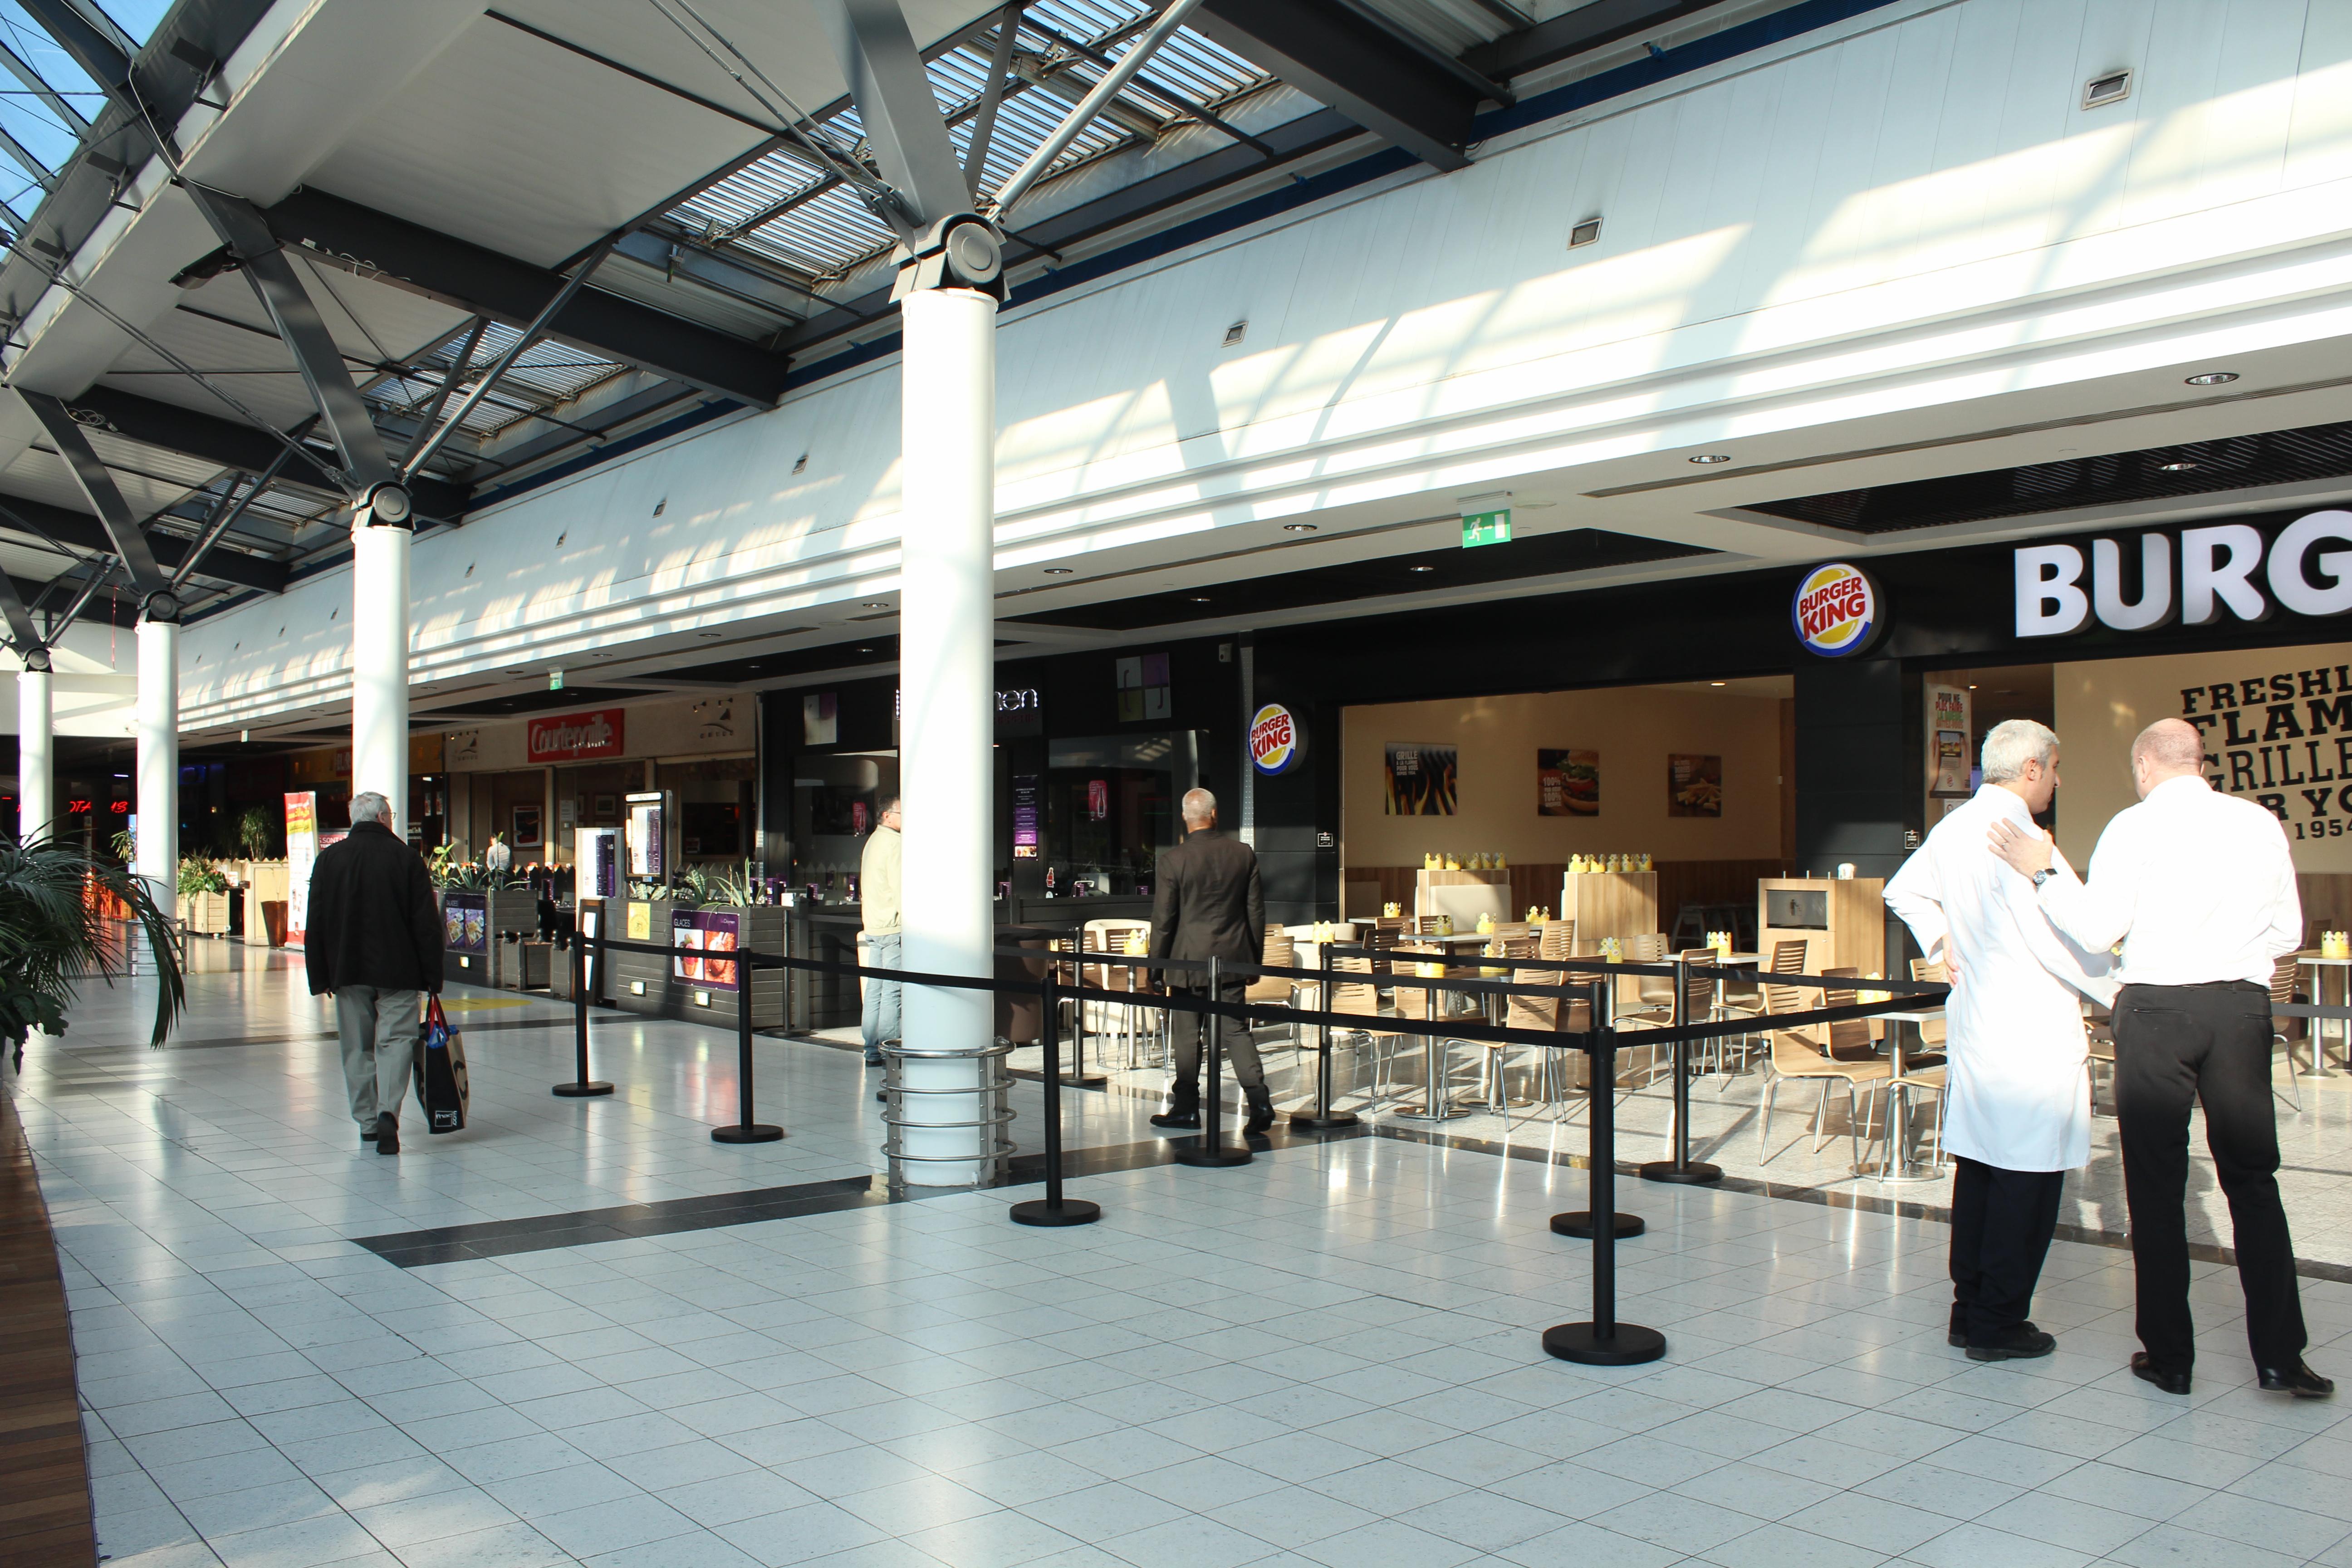 Ouverture Sans Hyst Rie Pour Burger King Cr Teil Soleil 94 Citoyens